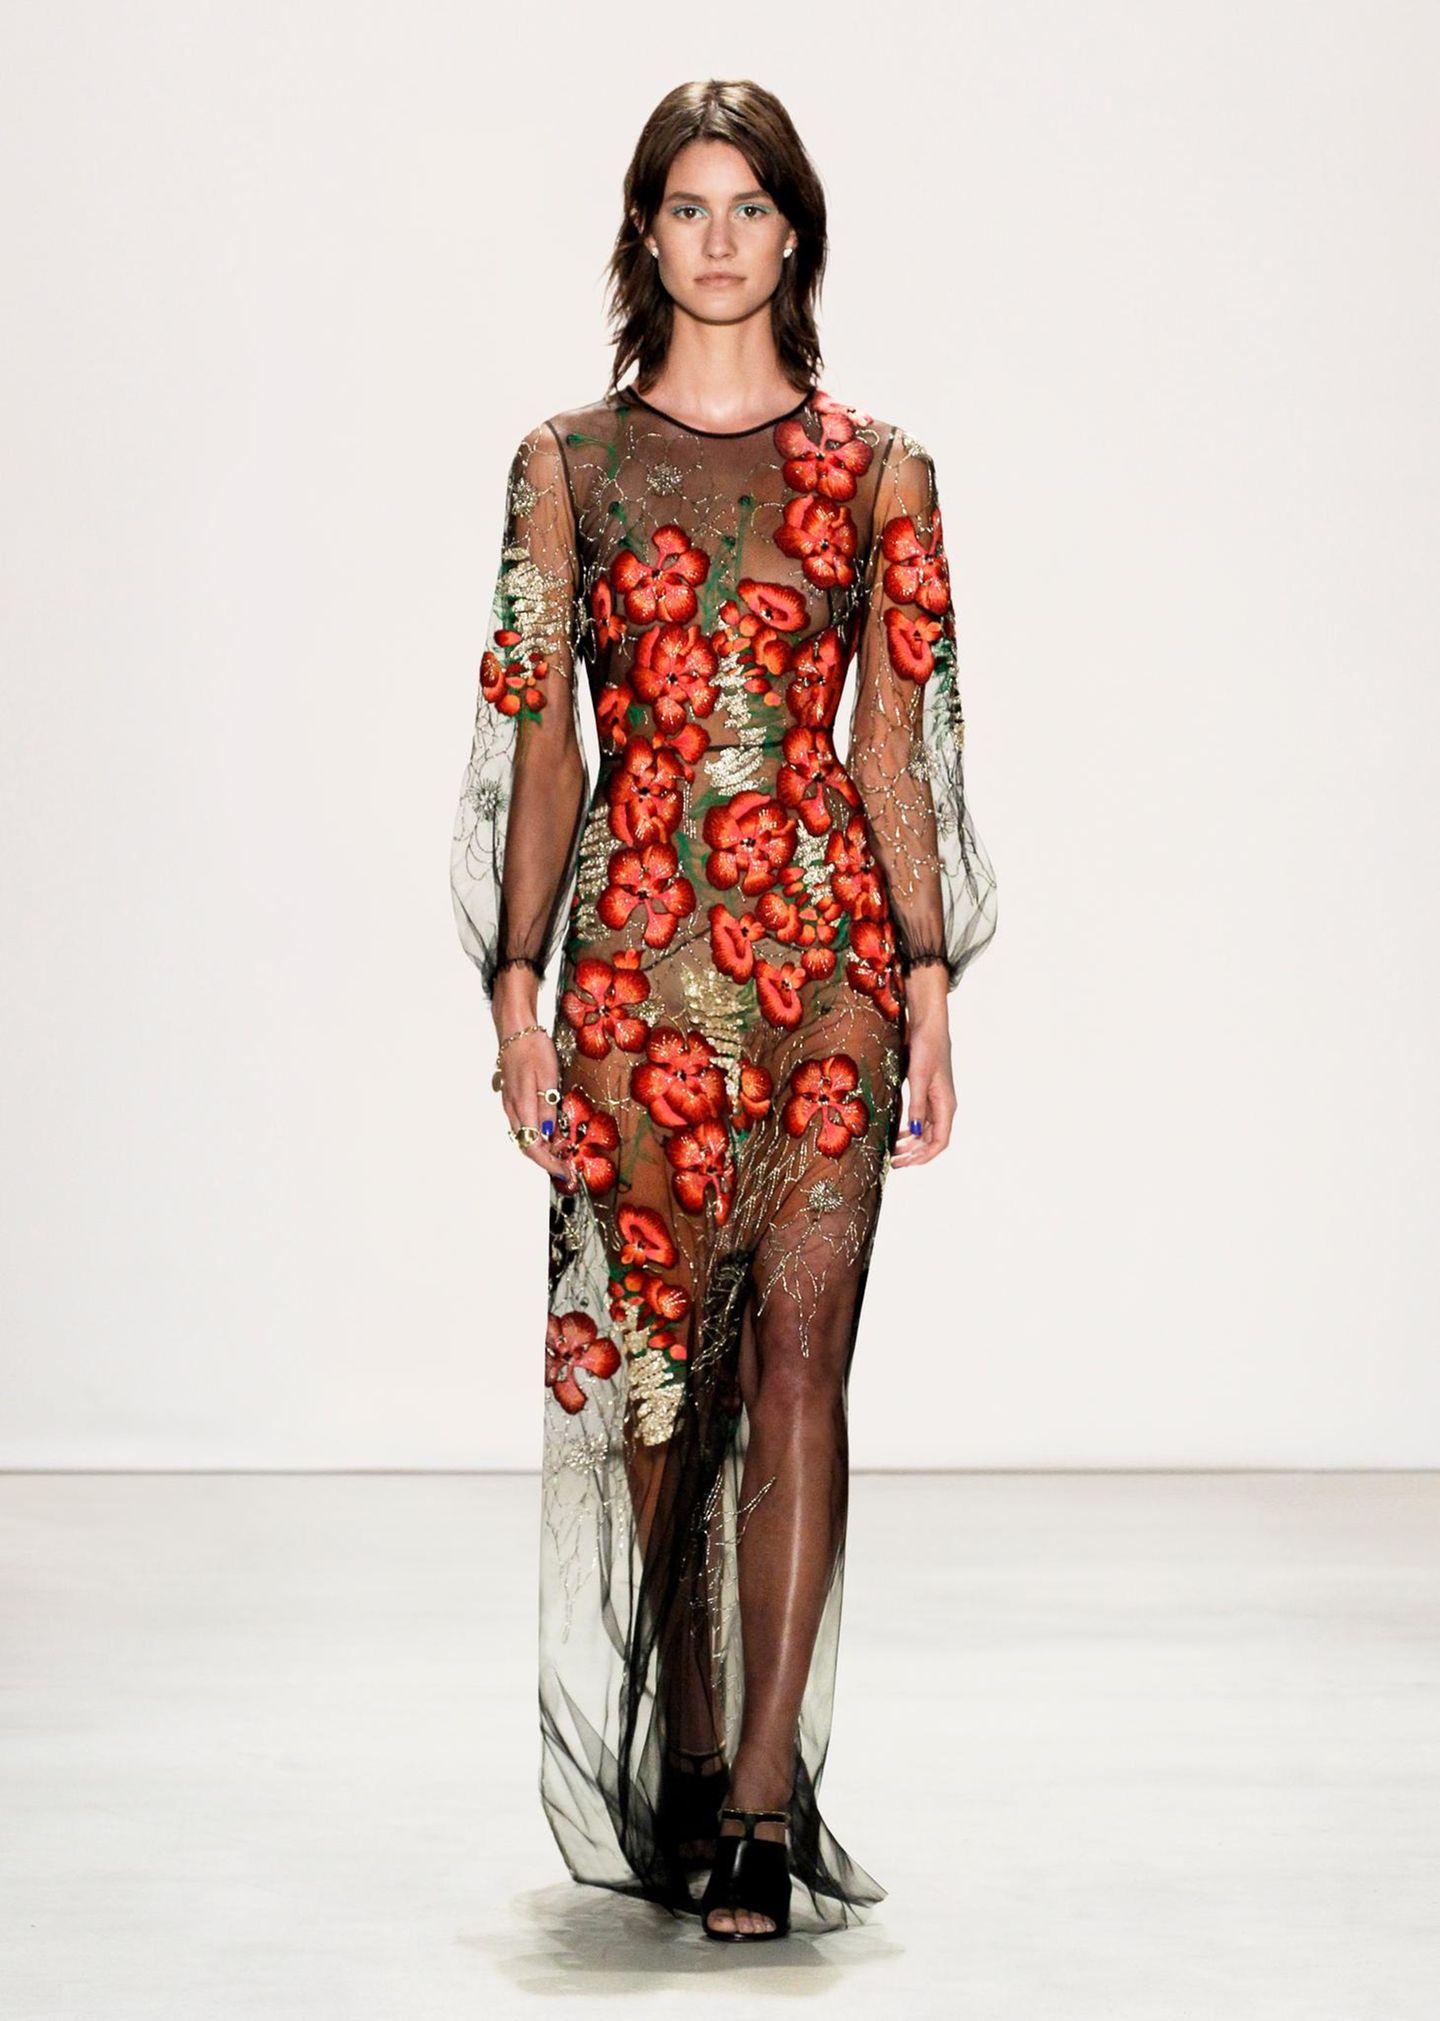 Jenny Packham F/S 2016: Große Mohnblumen schlängeln sich hier entlang dieses transparenten Kleides. Catherine würde dazu sicherlich ein entsprechendes Unterkleid tragen.